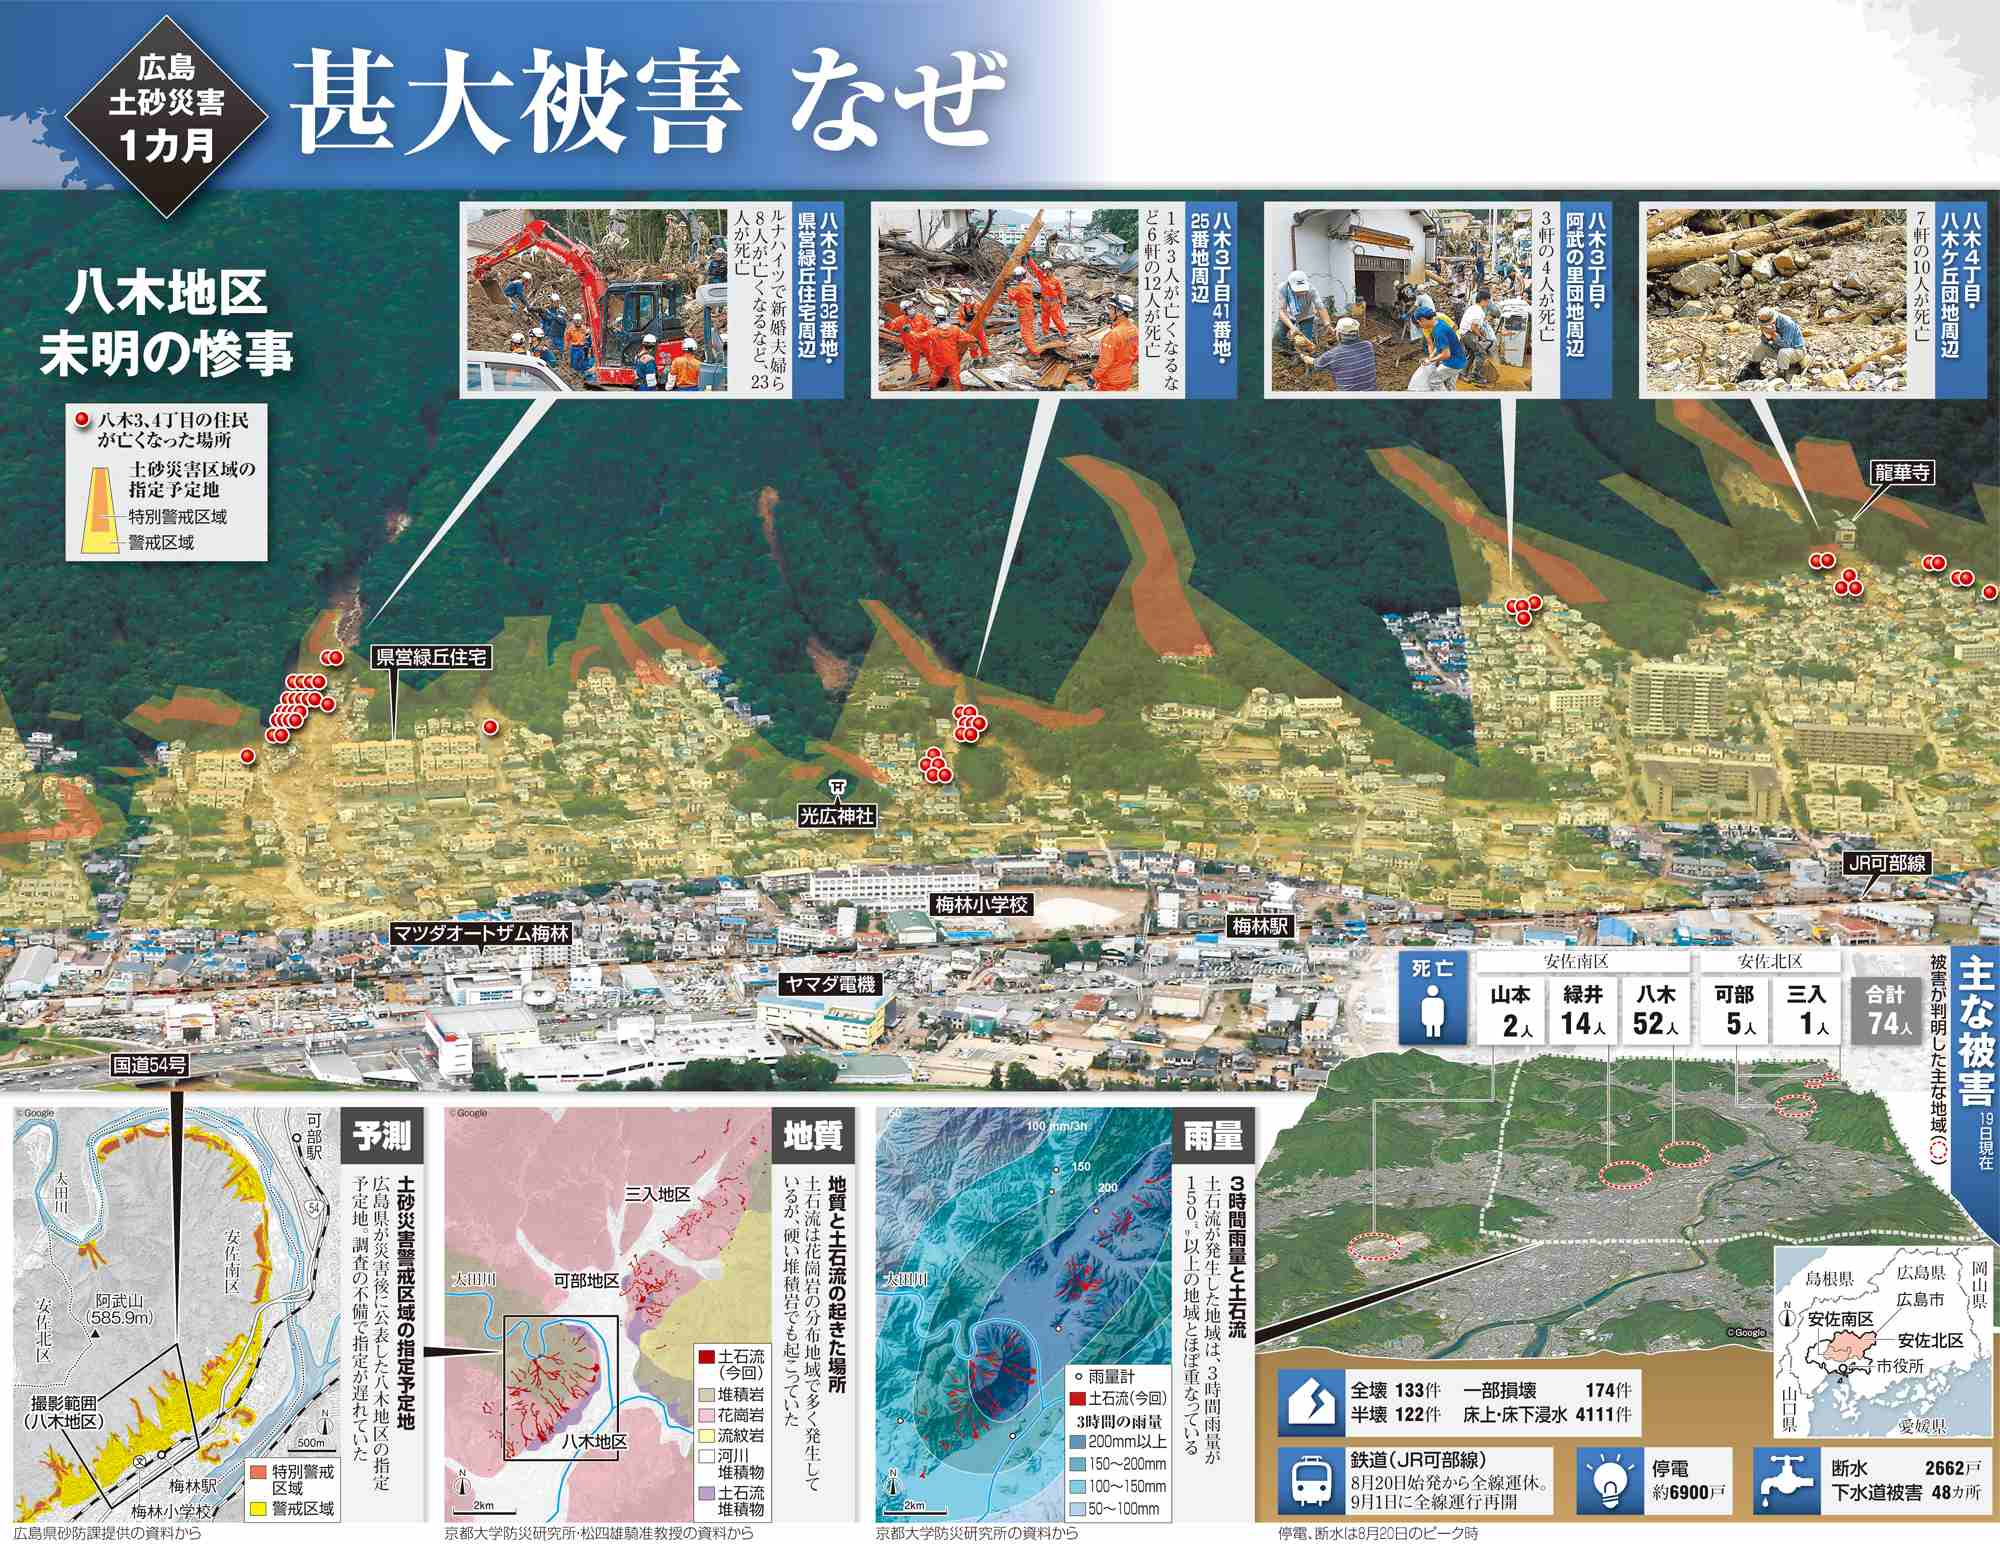 大型インフォ「広島土砂災害1カ月 甚大被害なぜ」